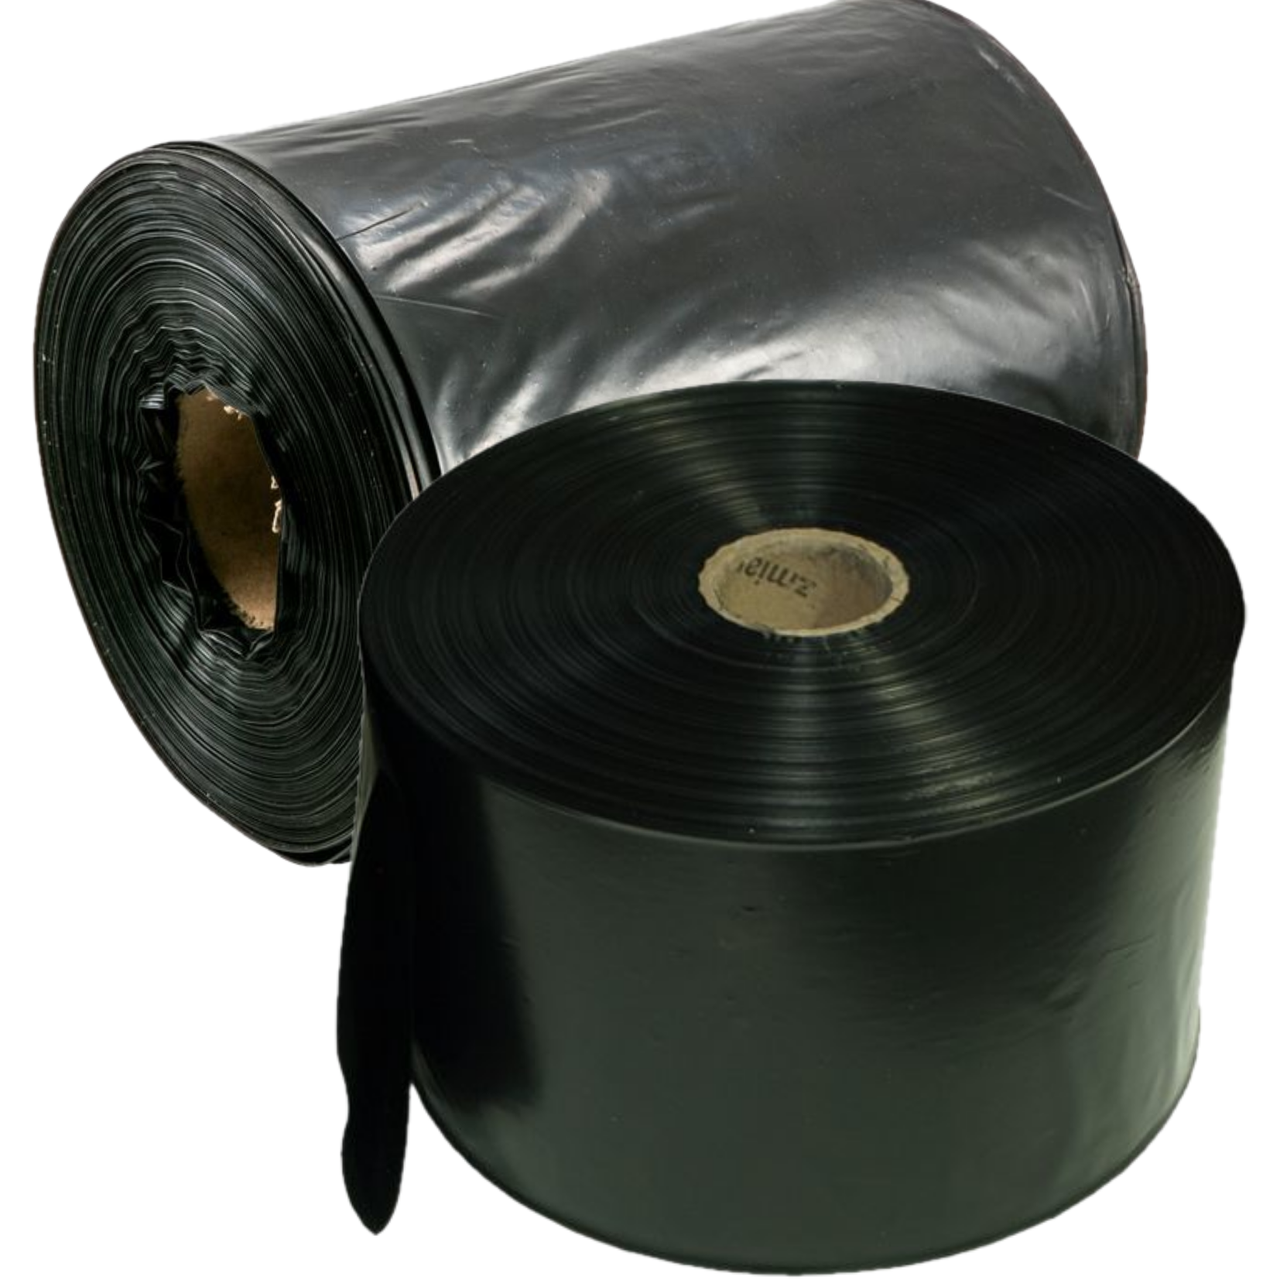 Рукав для рассады 100 мм. х 500 м. полиэтиленовый черный